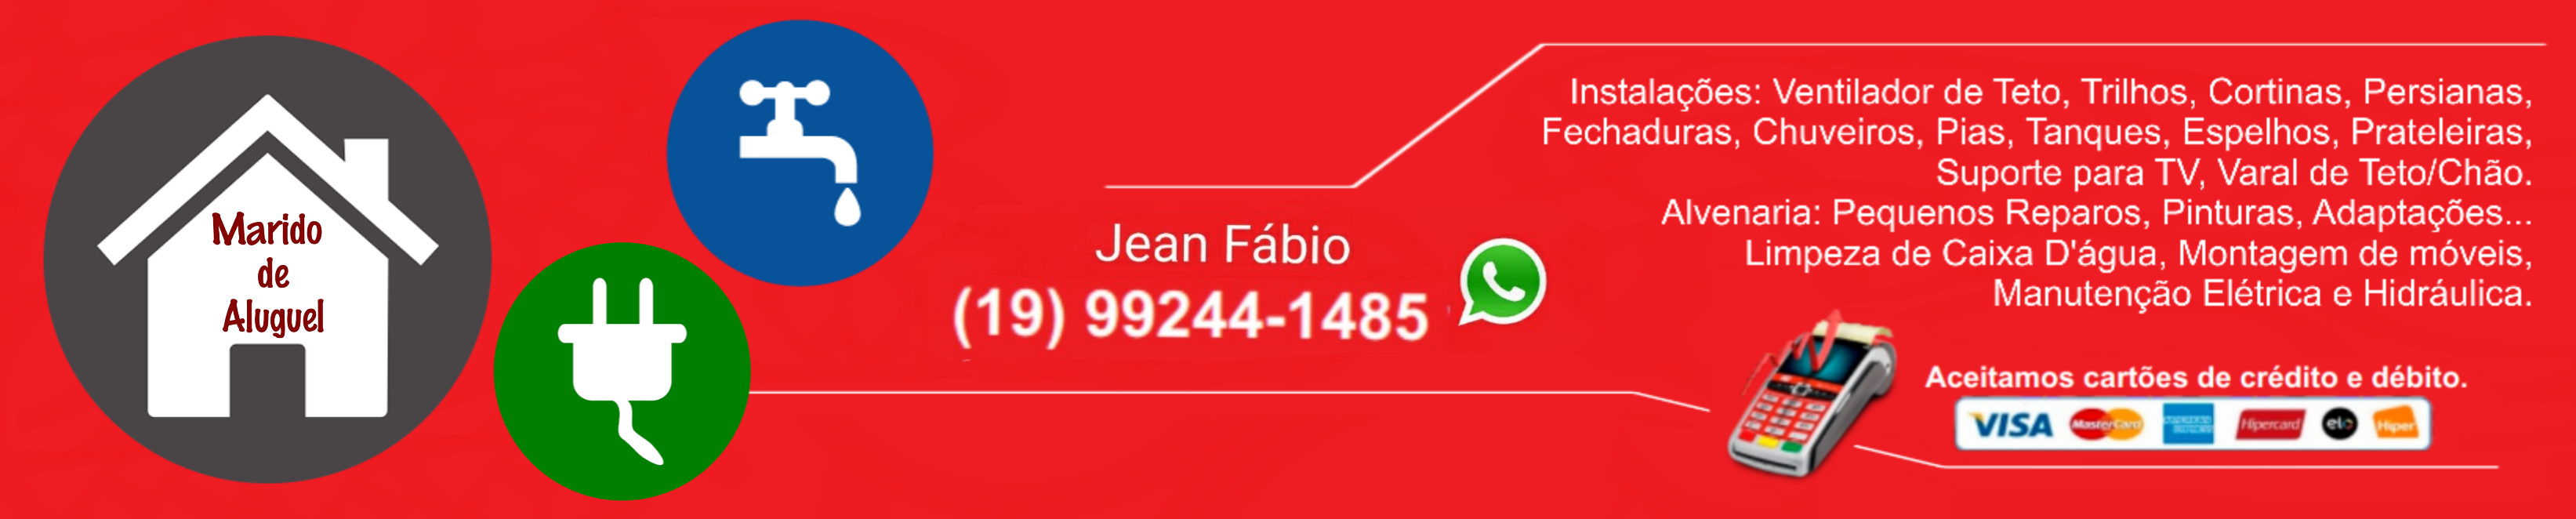 Jean Fabio - Marido de Aluguel em Americana SP e região - JFMA